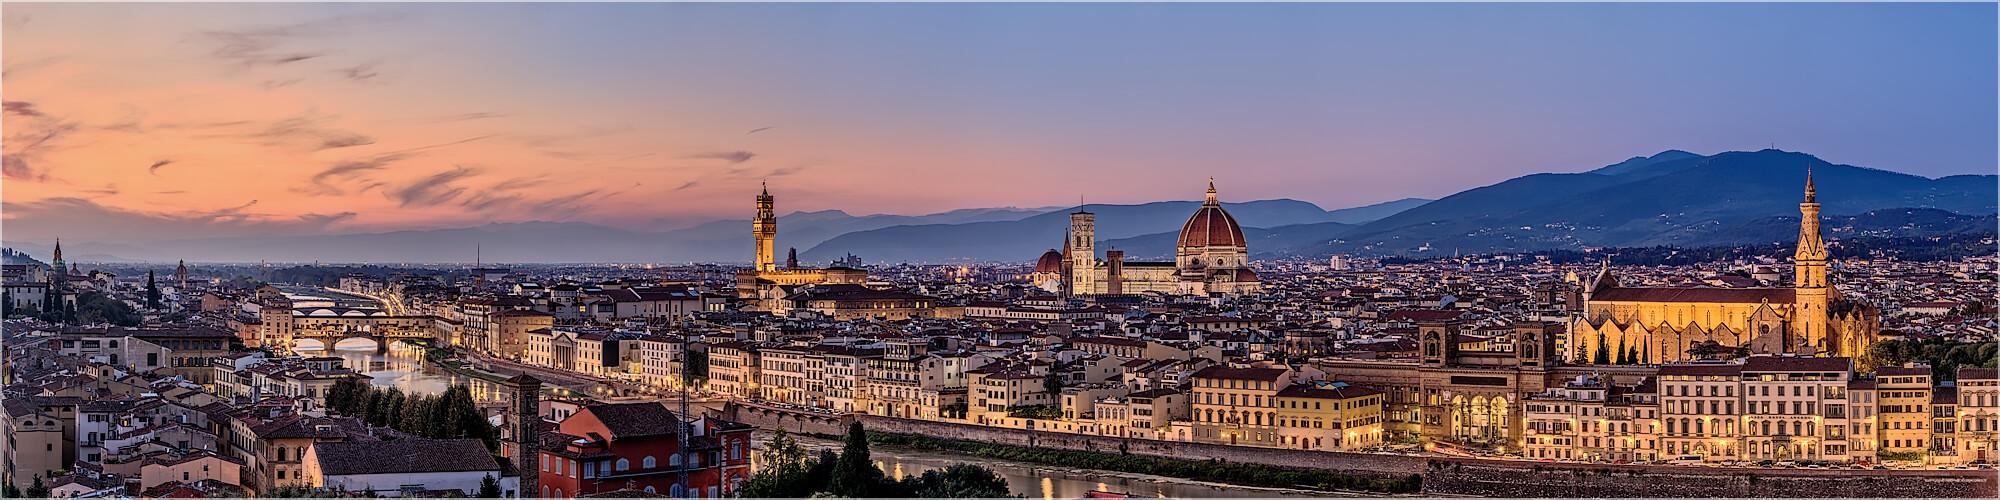 Panoramabild Skyline von Florenz am Abend